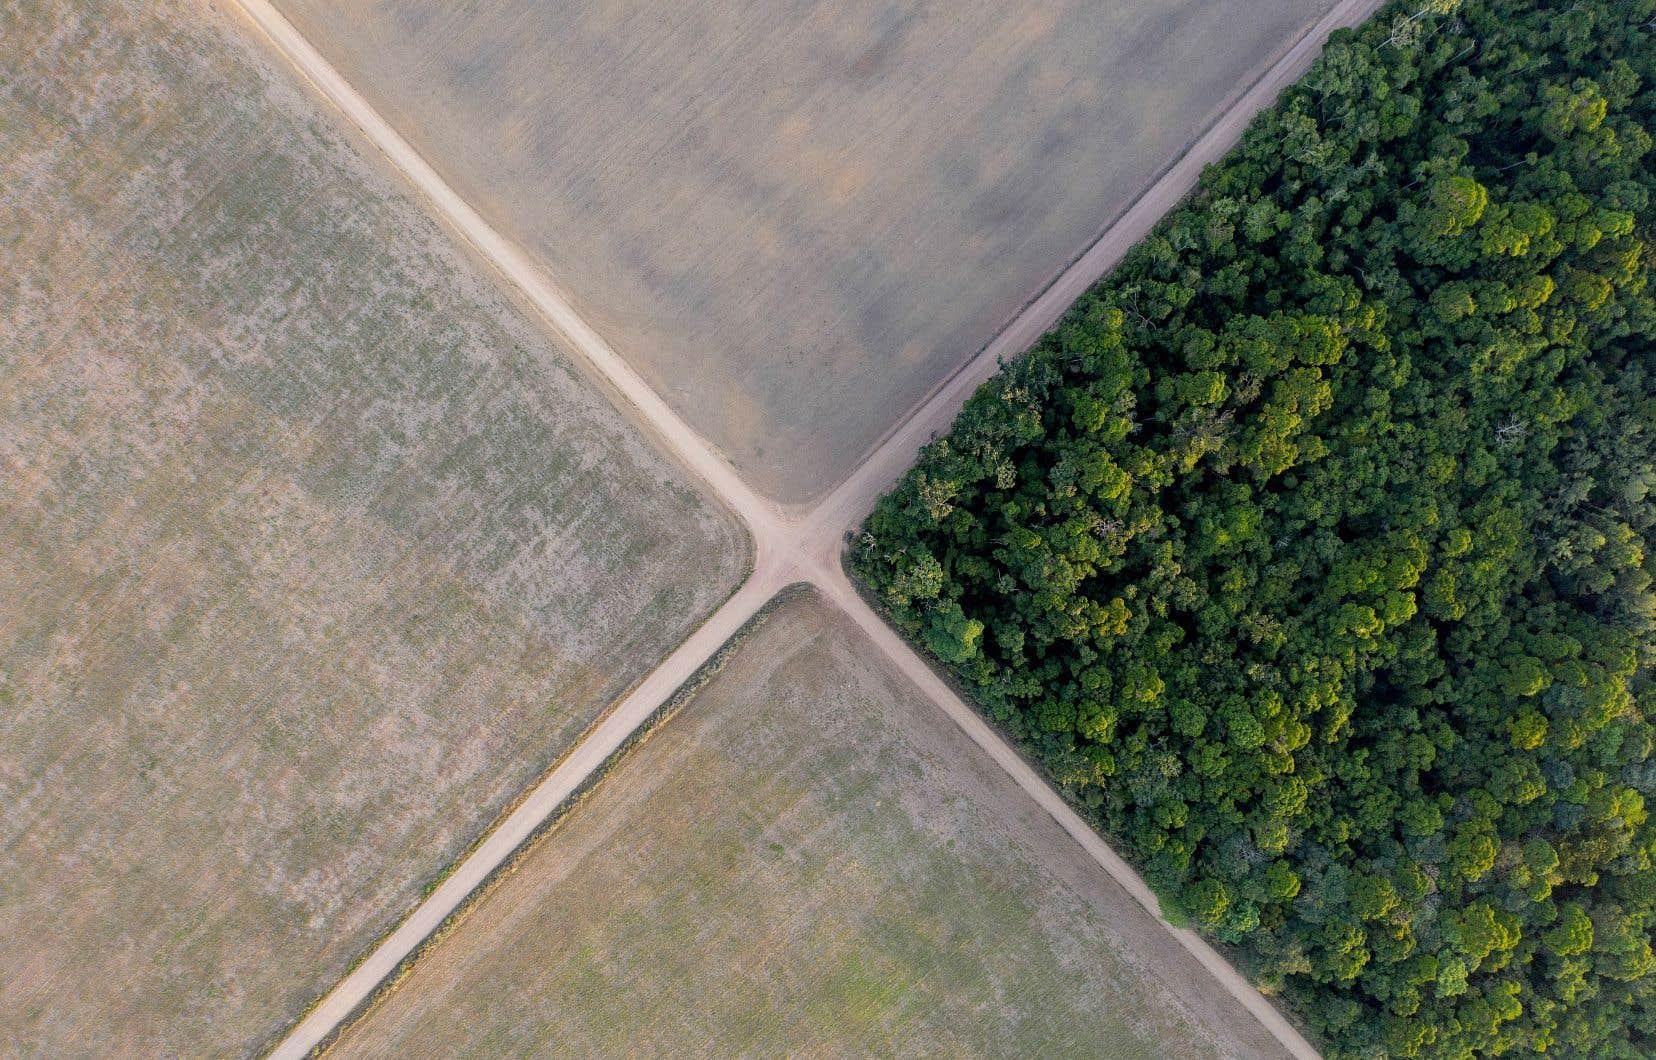 Cette situation découlerait directement du fait que cette partie du territoire a subi les pires impacts de la déforestation effectuée ces 40 dernières années, essentiellement pour faire place à l'élevage de bétail et à la culture du soya, dont on voit ici des champs à côté d'une portion encore non déboisée.